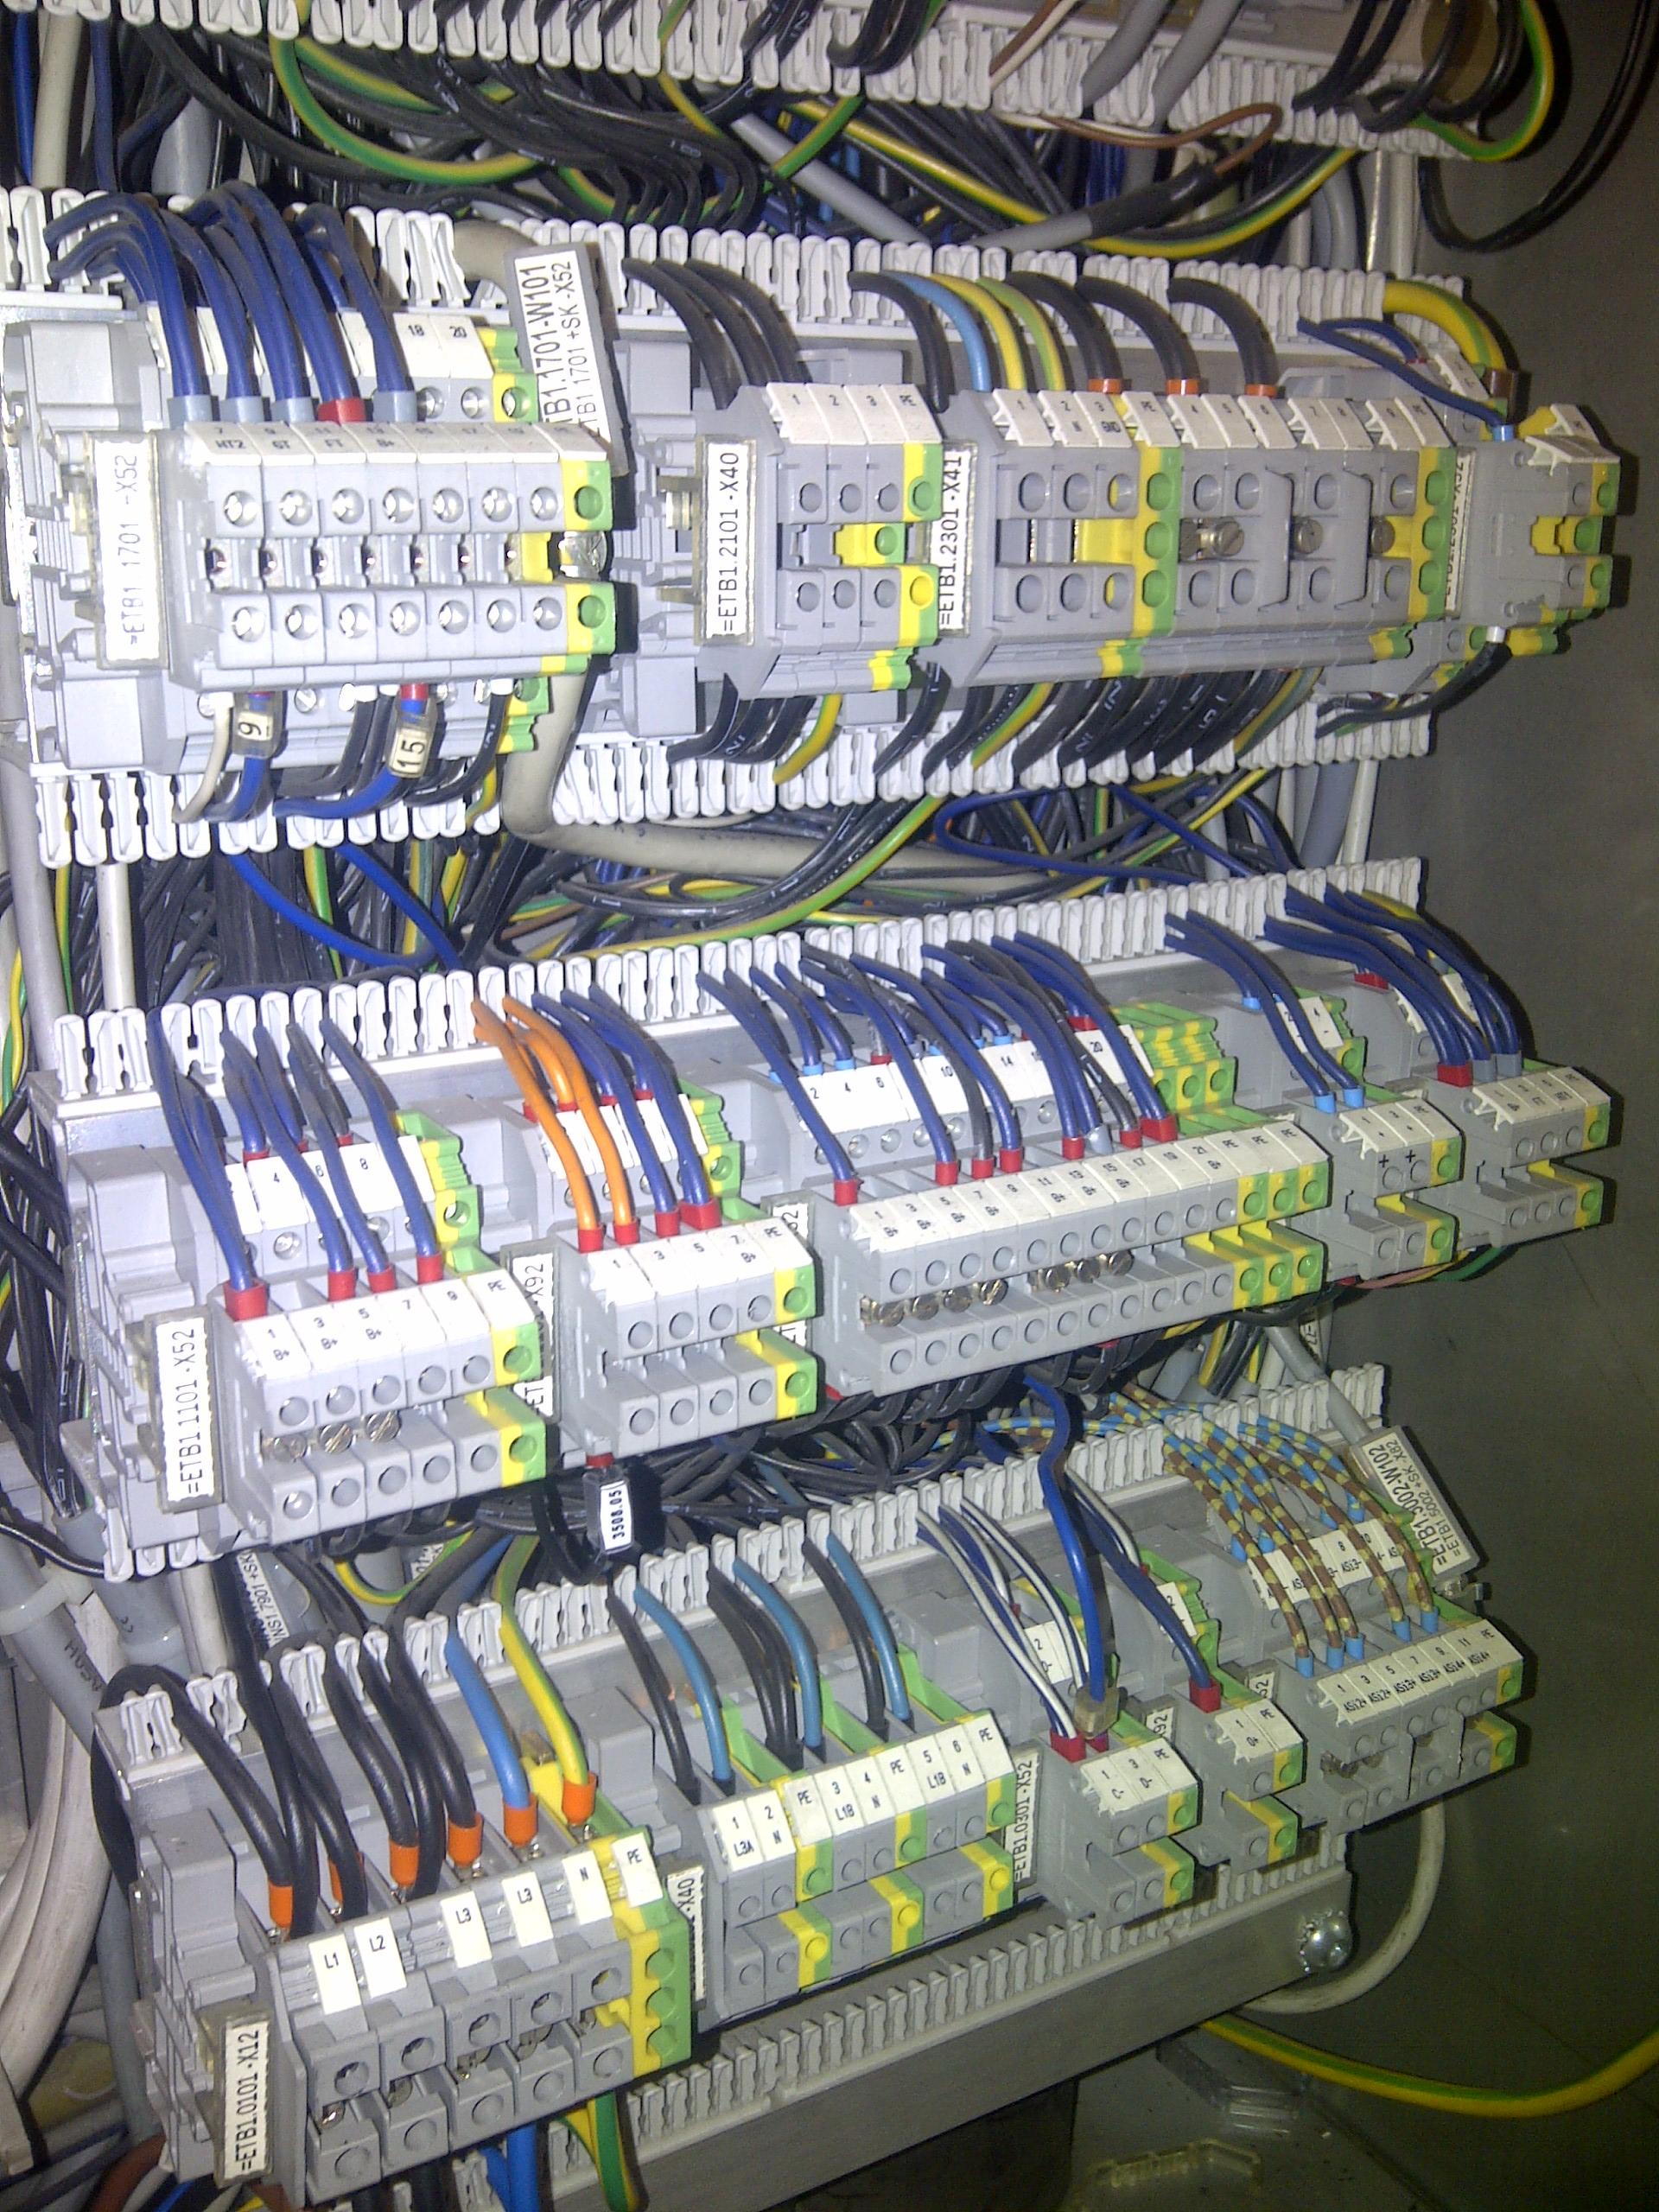 Schemi Elettrici Quadro : Schemi elettrici archivi effeelle